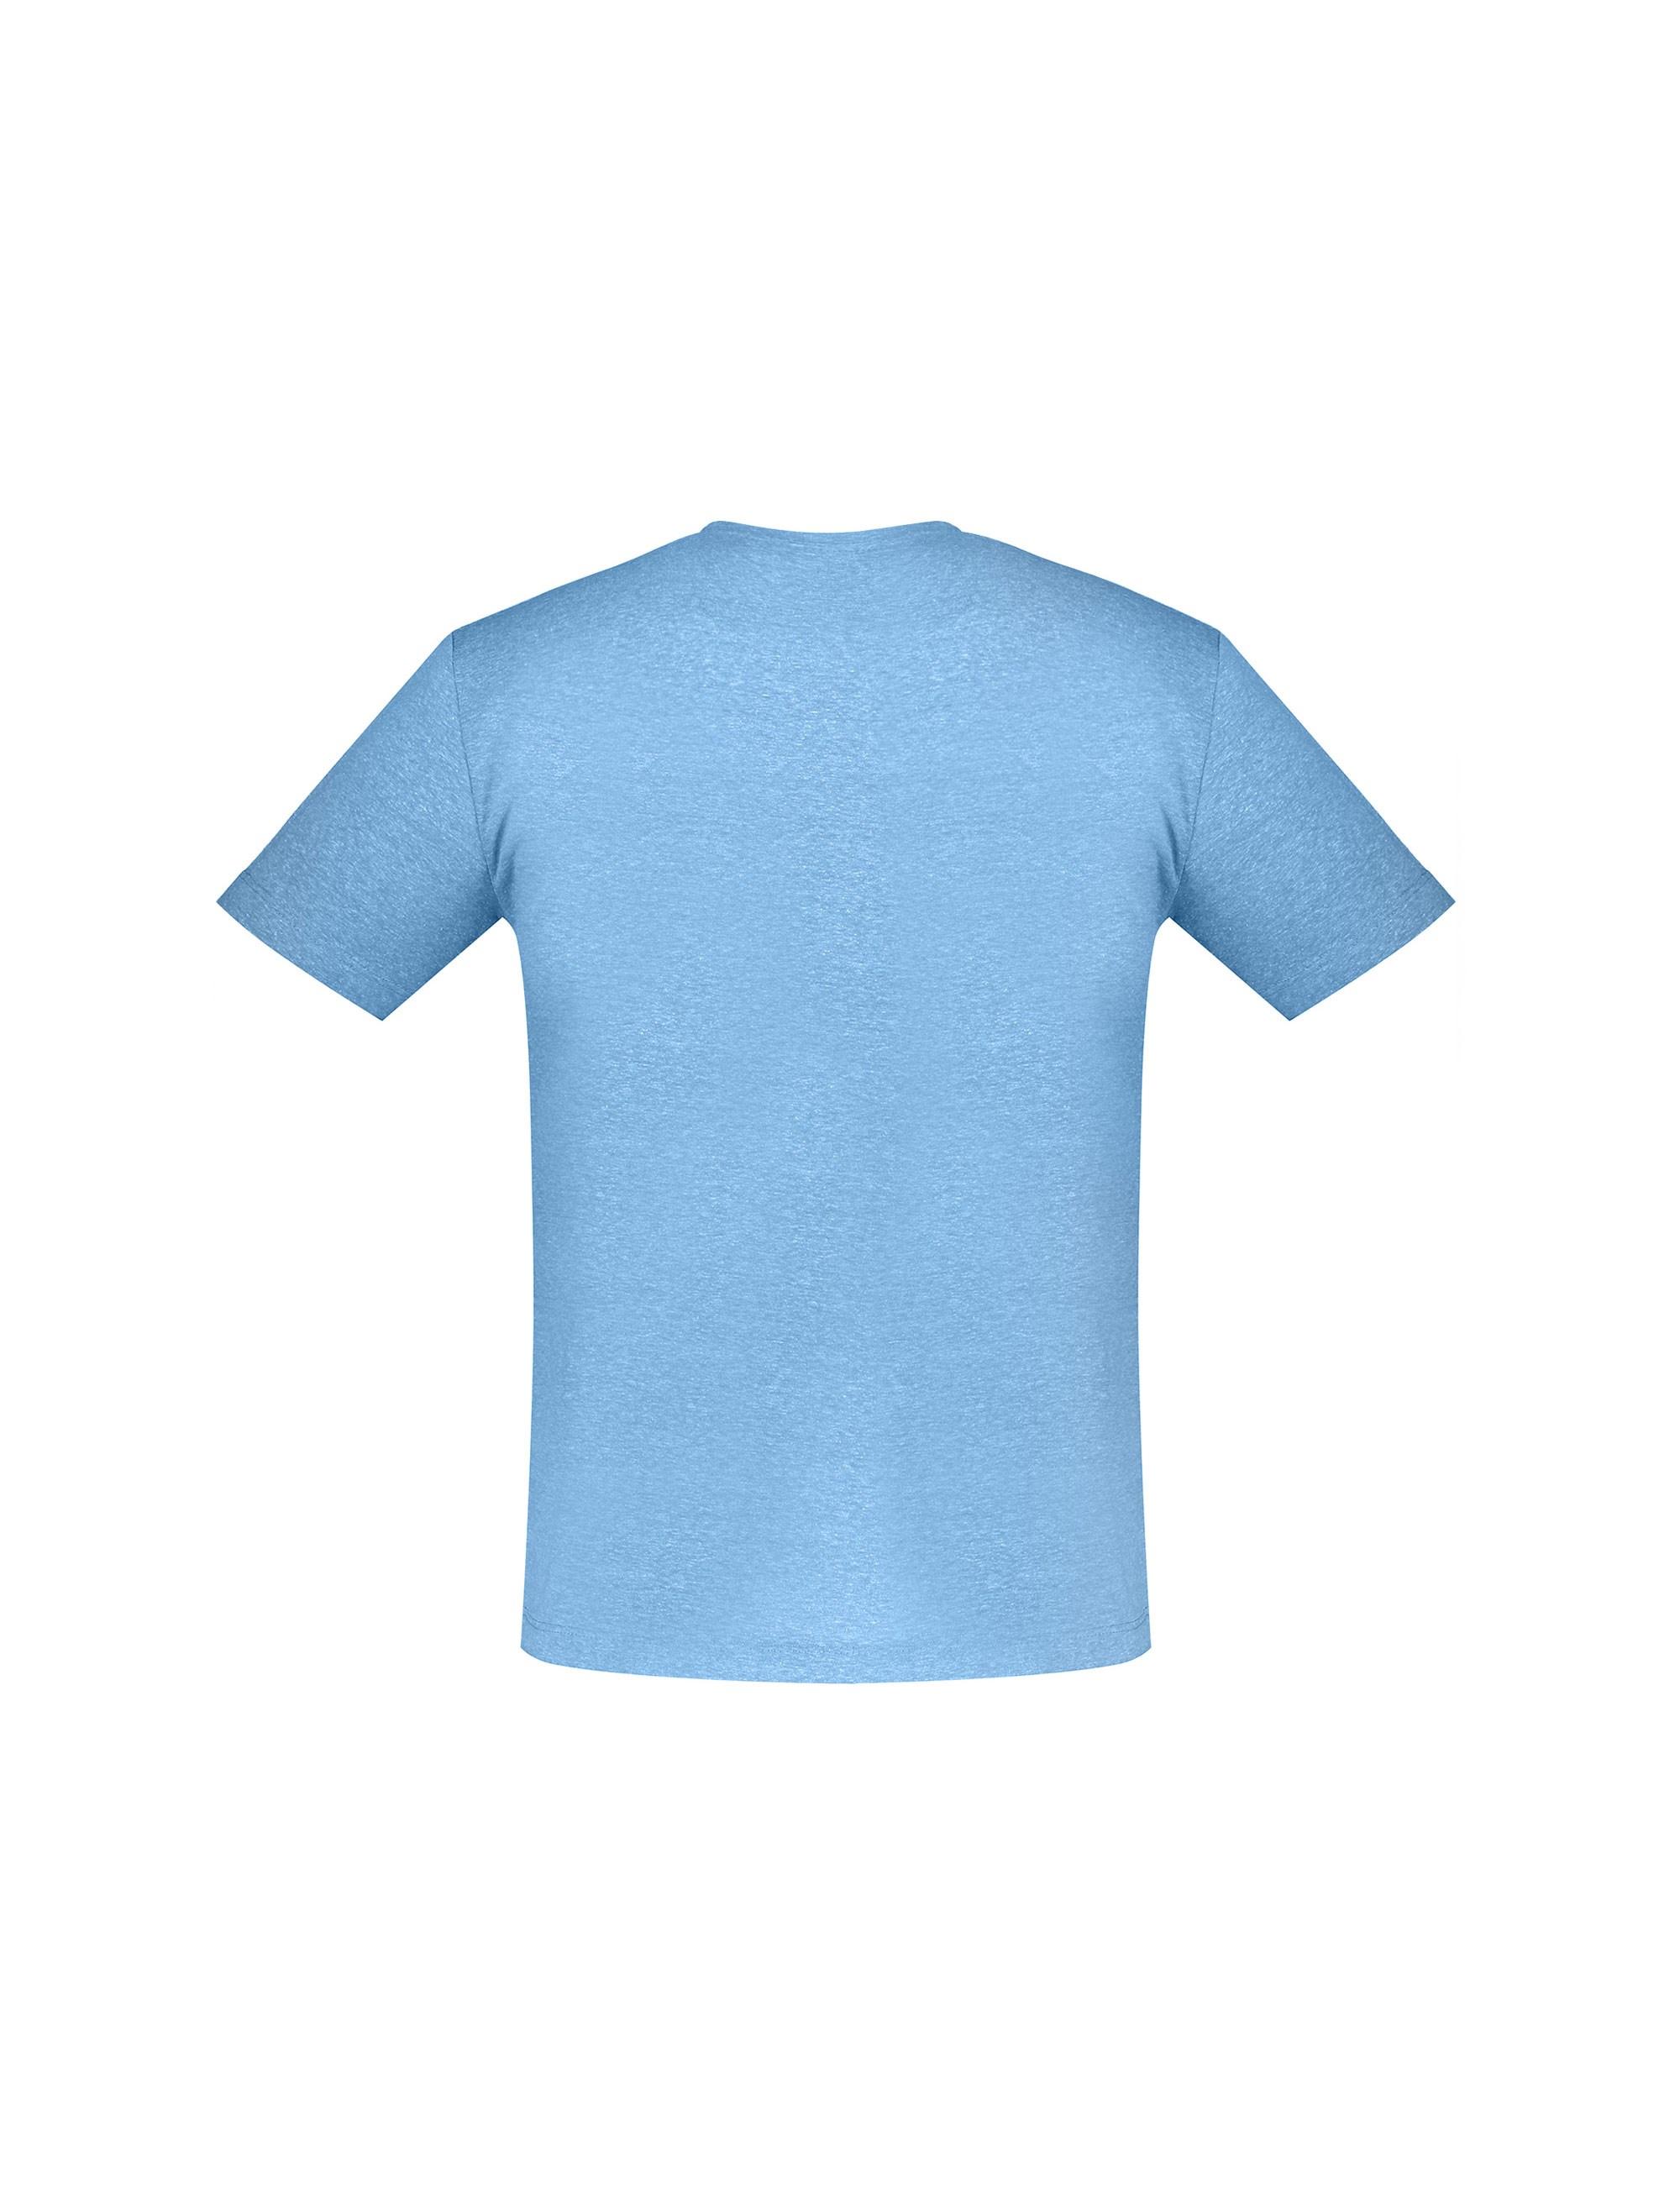 تی شرت یقه گرد مردانه - آبي - 2